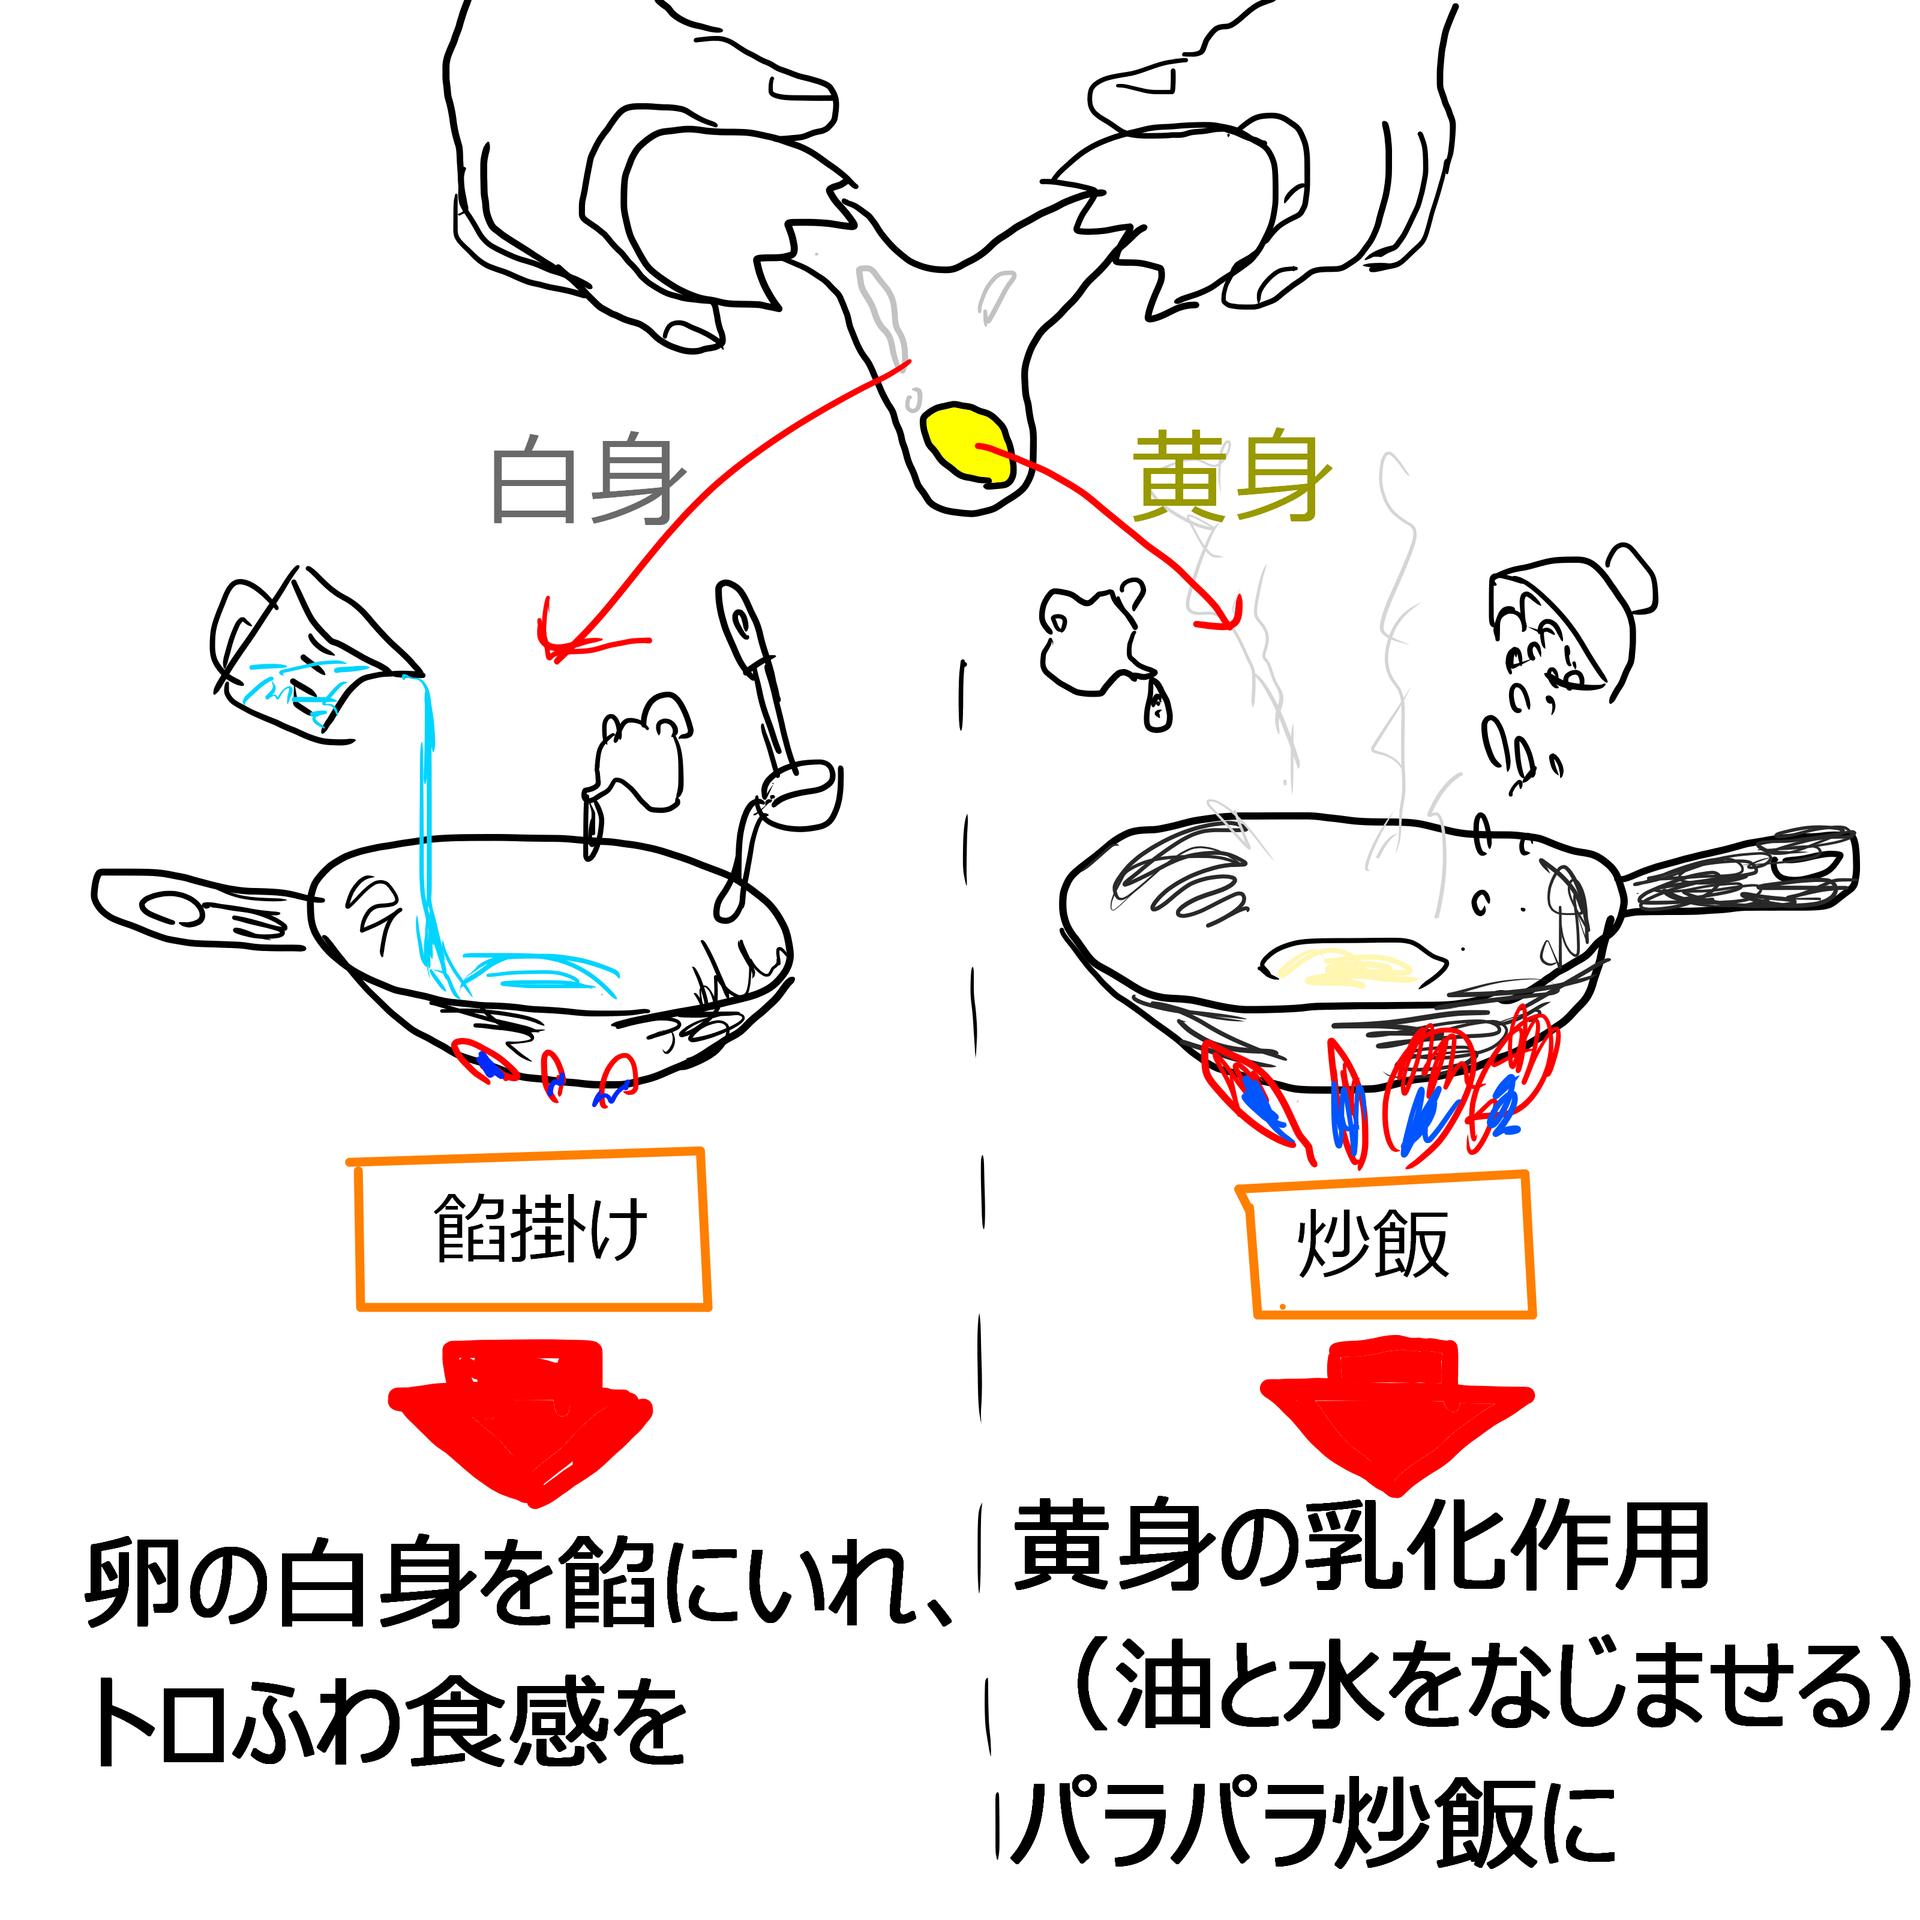 餡掛け炒飯 白身黄身 分け.png